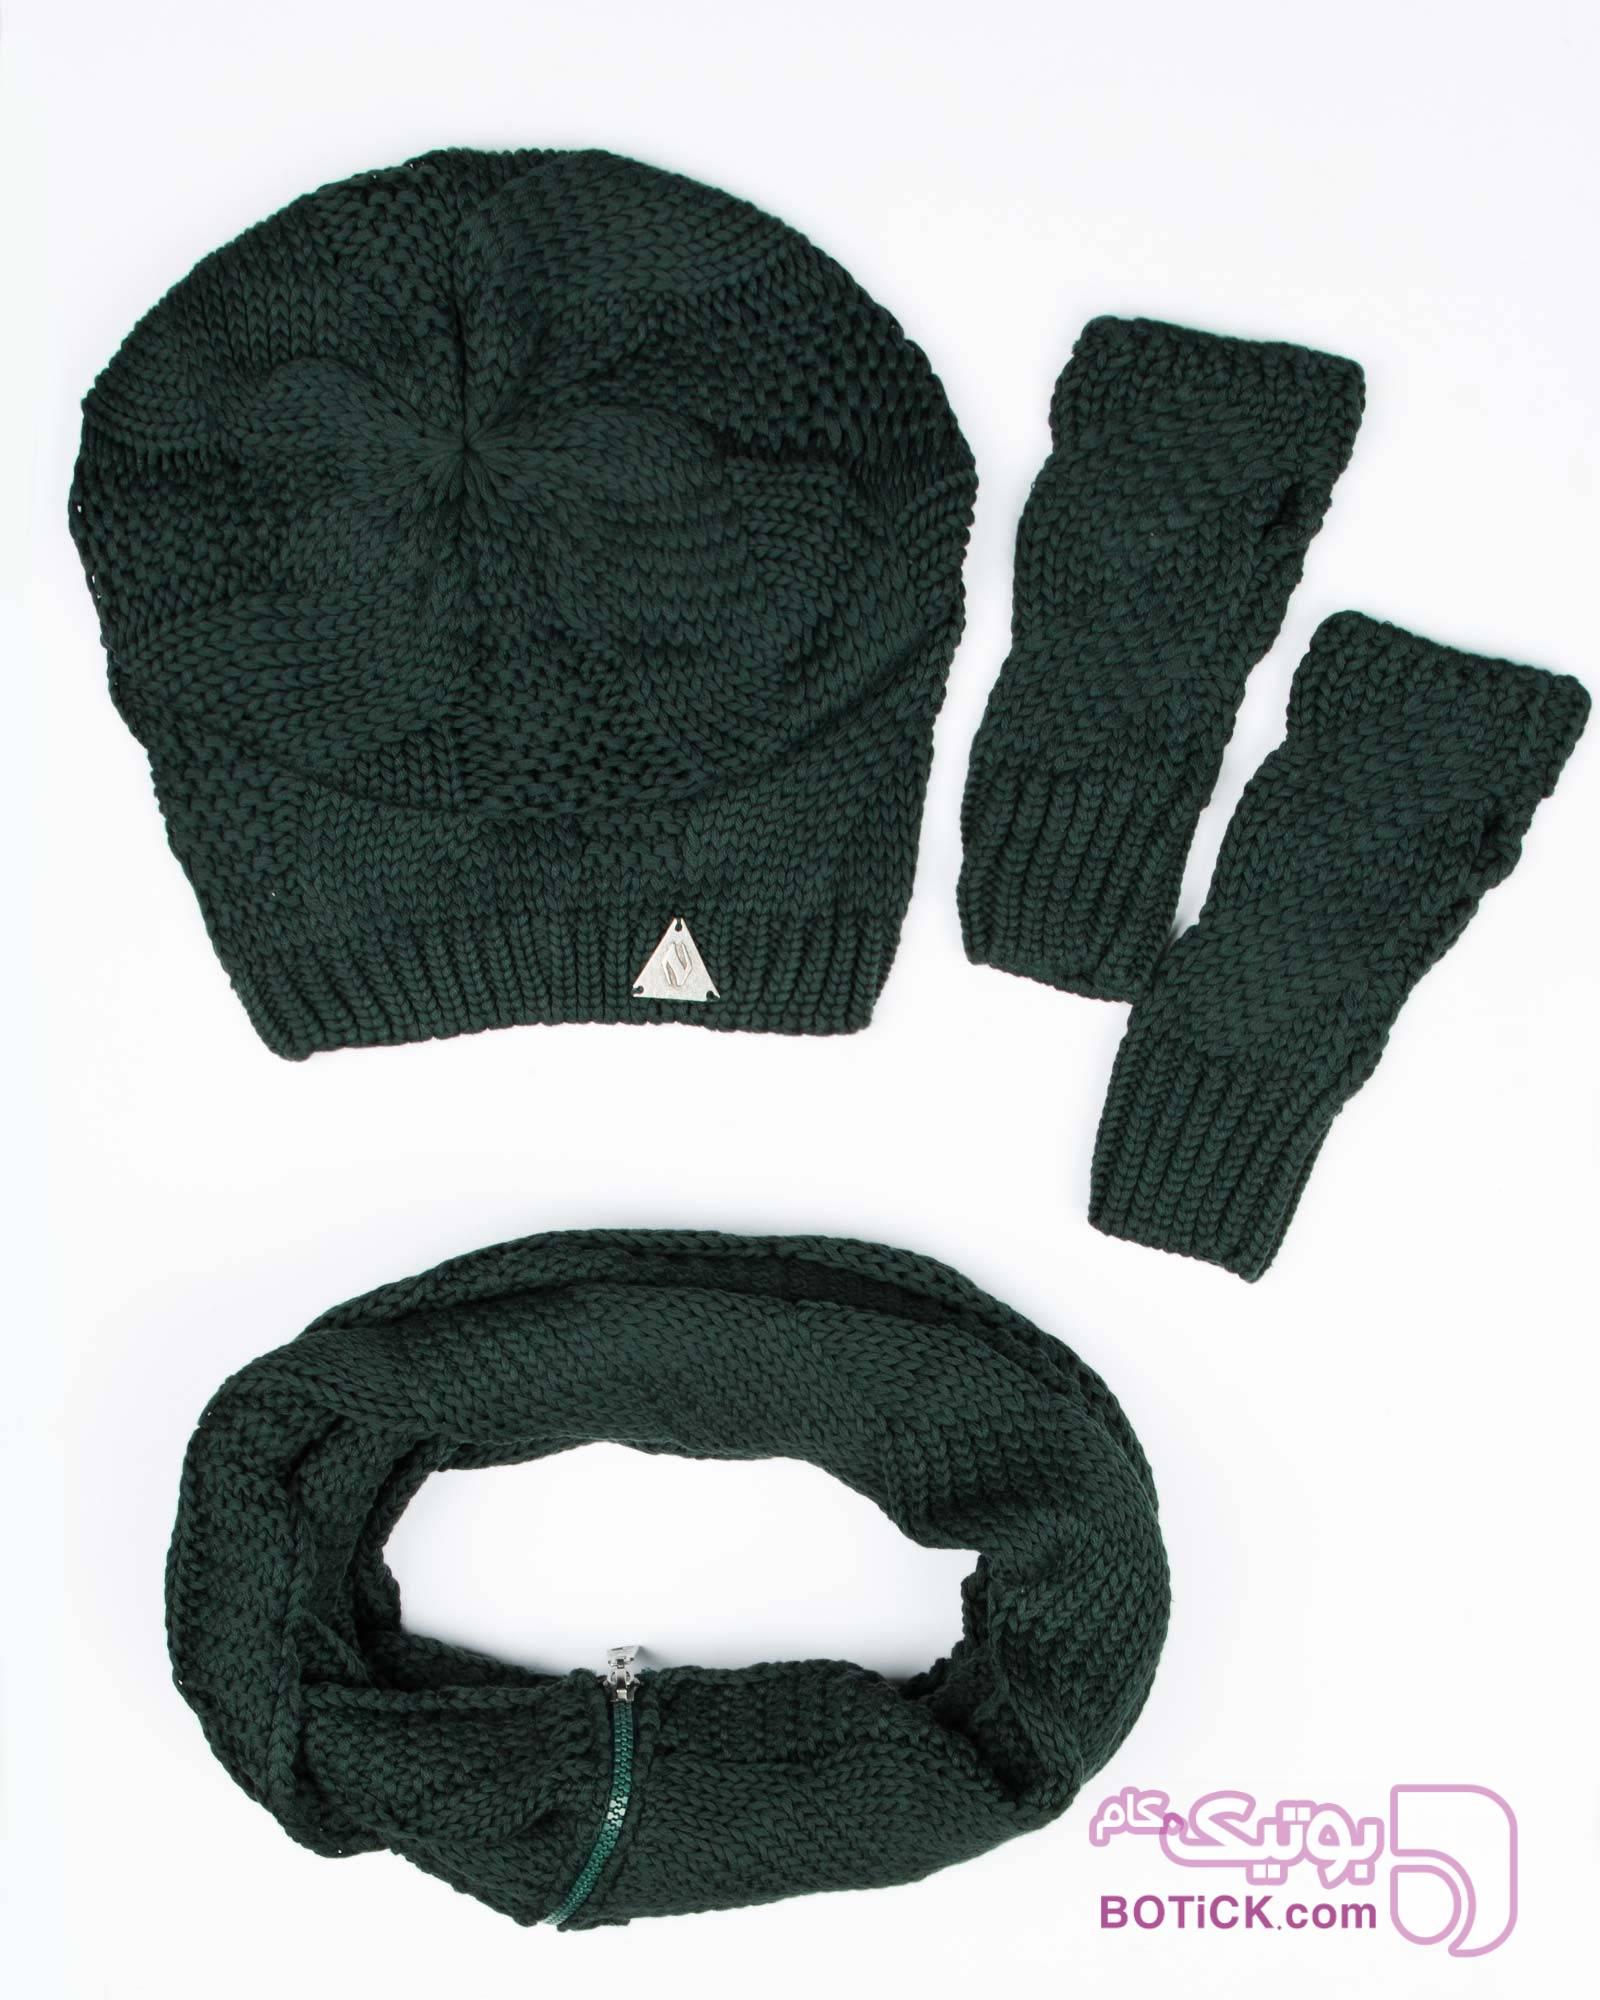 کلاه و شال گردن زیپ دار و دستکش سبز کلاه بافت و شال گردن و دستکش